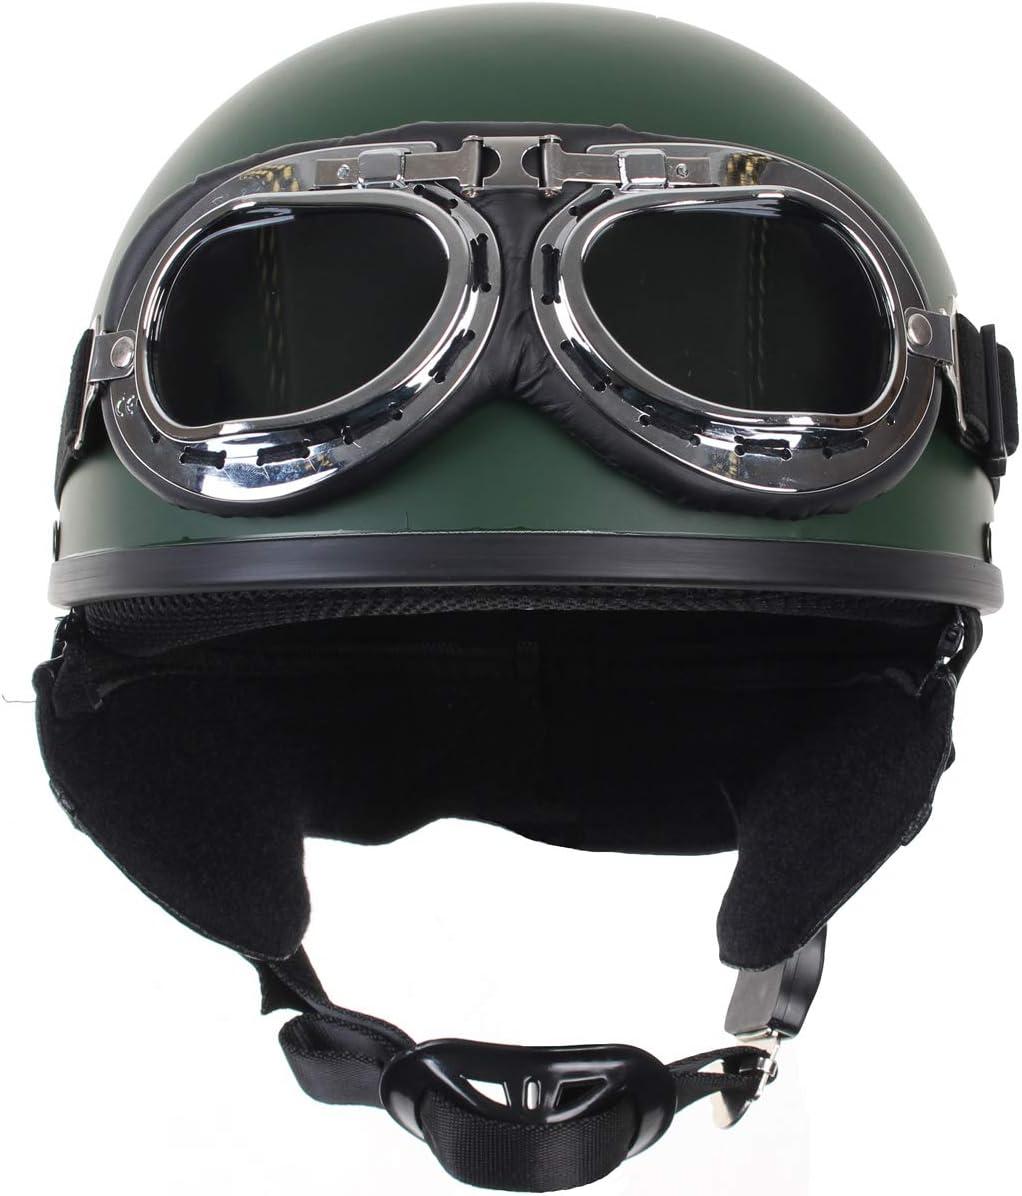 Mil-Tec Casco de moto con gafas Retro Vintage